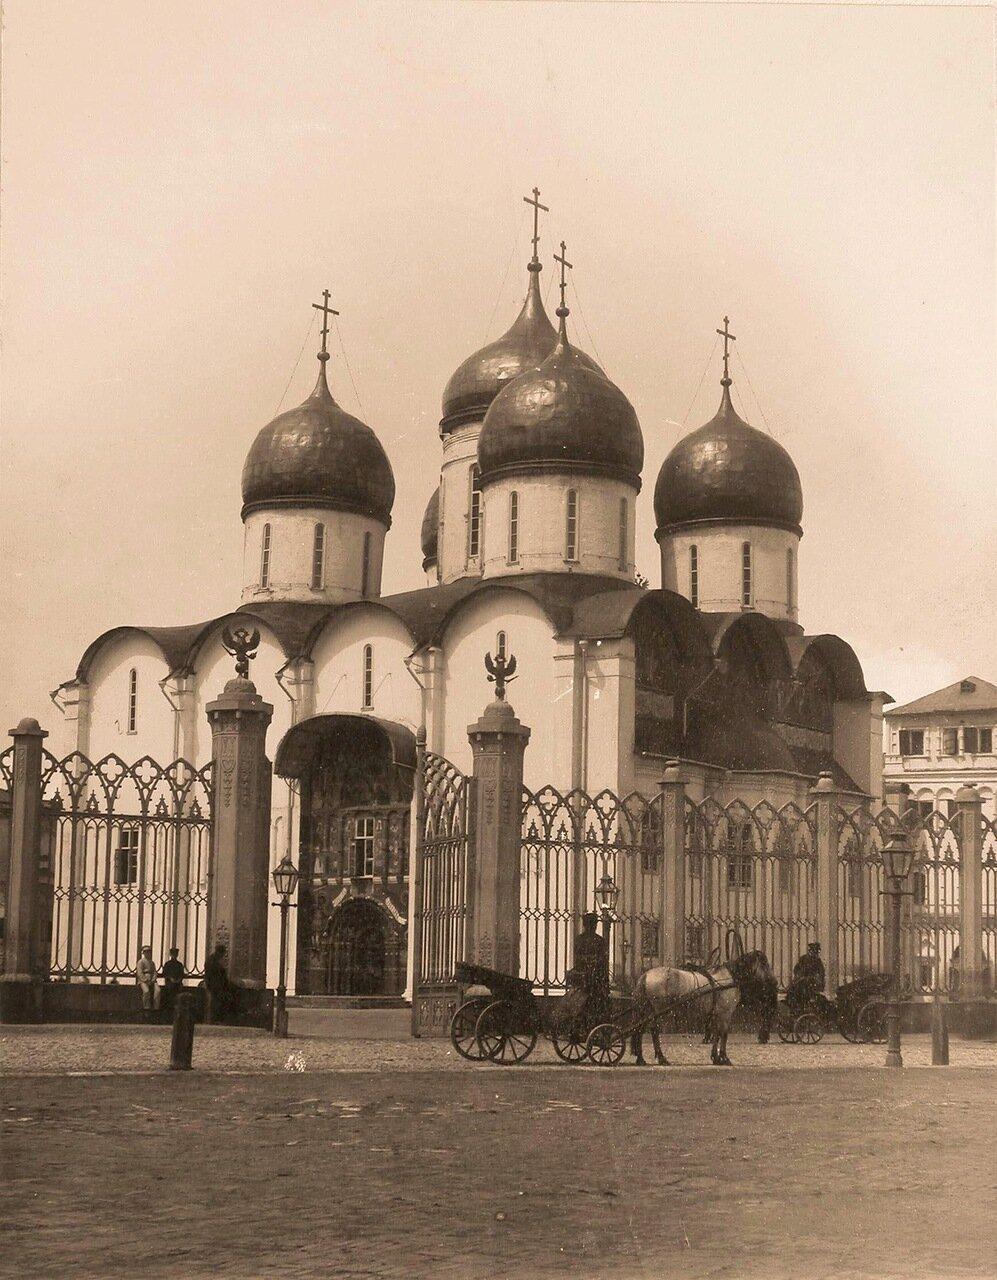 Вид на Успенский собор в Кремле (построен в 1475-1479 гг. итальянским архитектором Аристотелем Фьораванти)